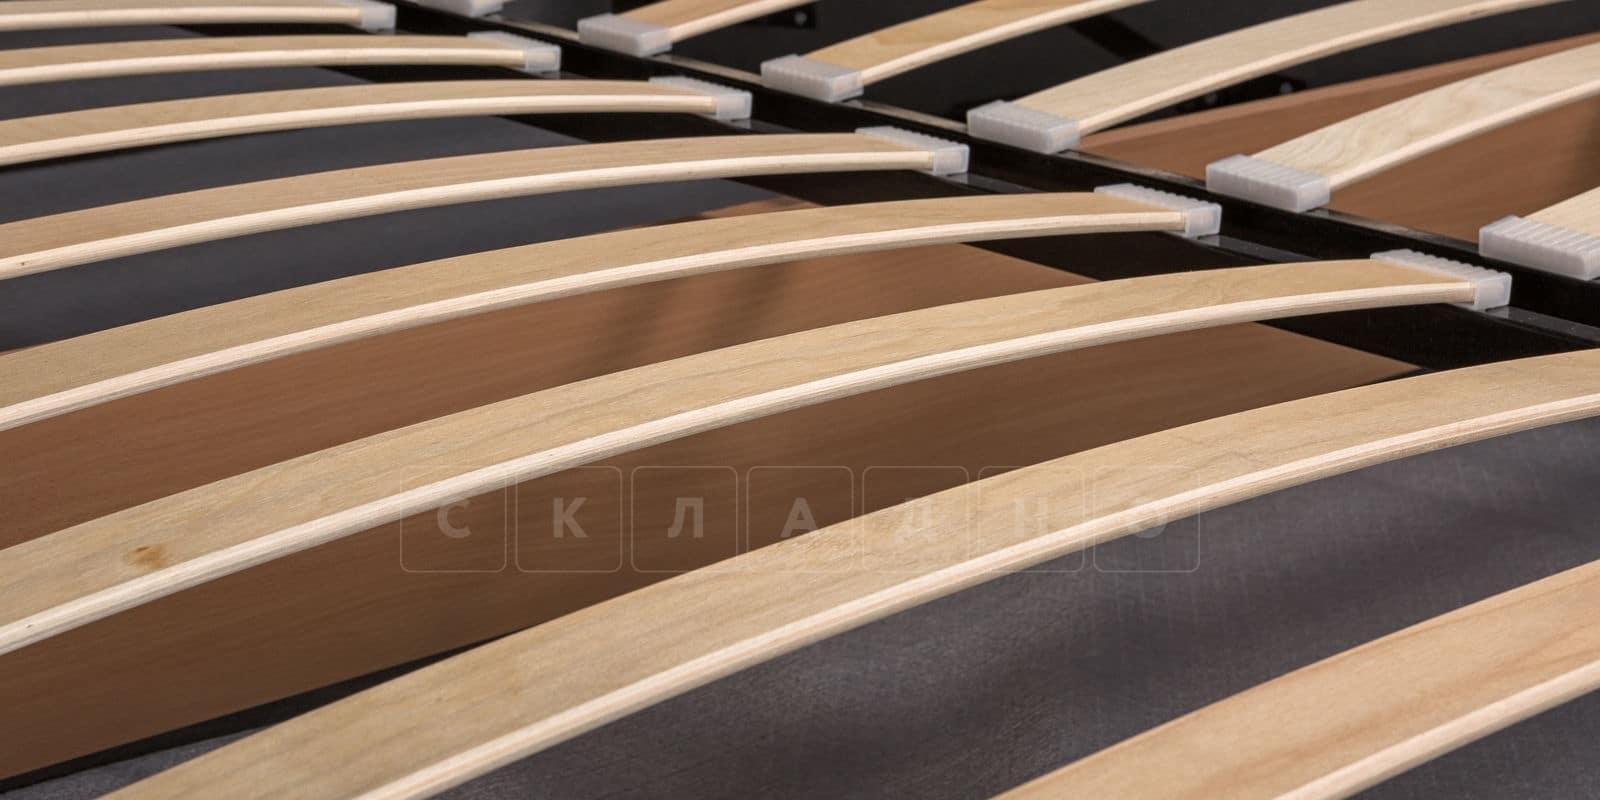 Мягкая кровать Афина 160см экокожа коричневого цвета фото 7   интернет-магазин Складно